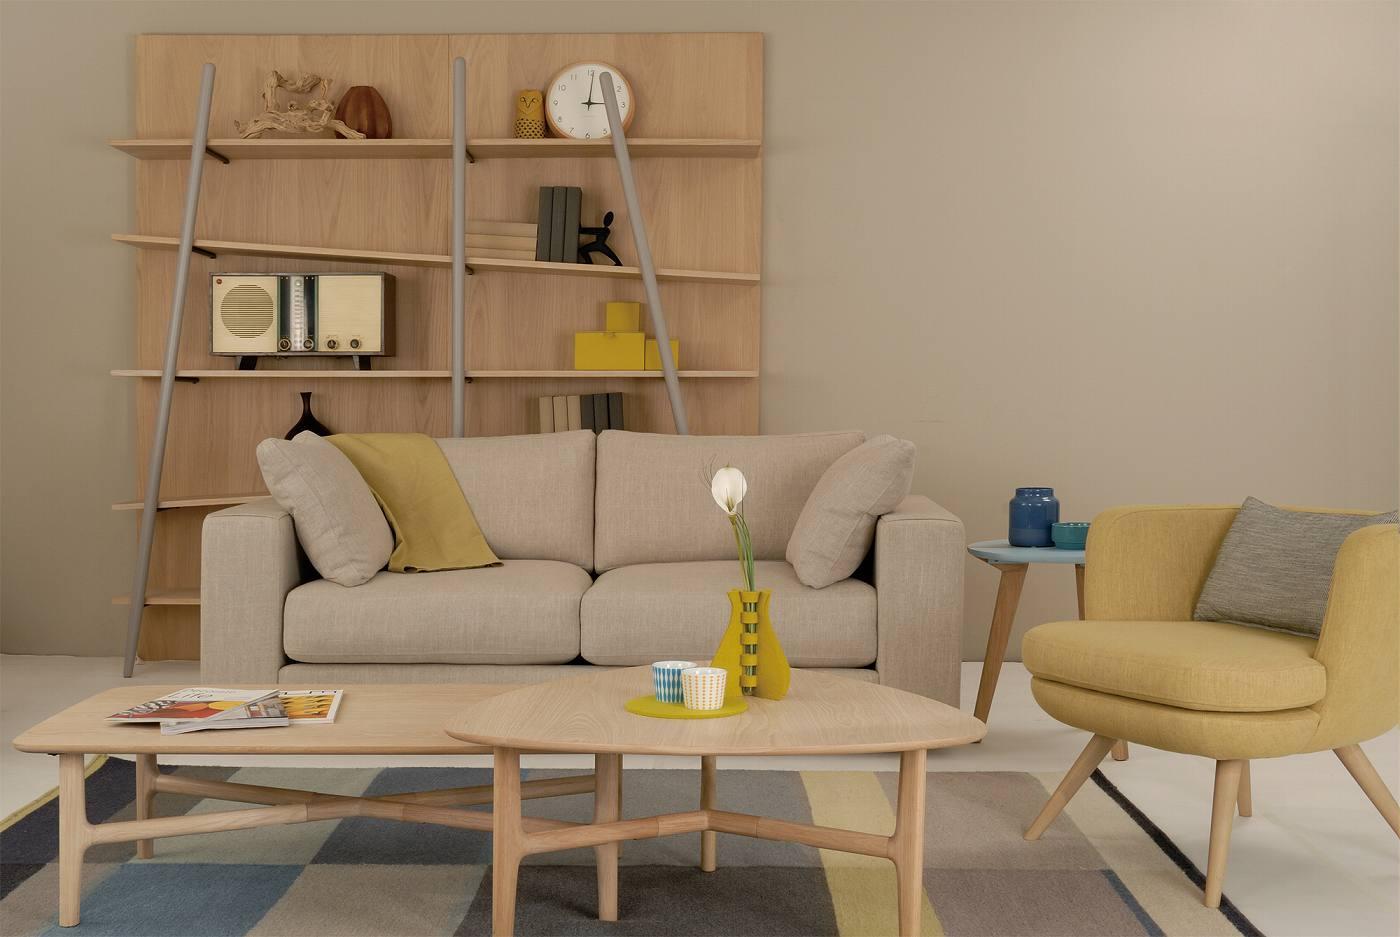 このシーンと似ているコーディネートシーン画像(北欧リビング470|moda en casa(モーダ・エン・カーサ))